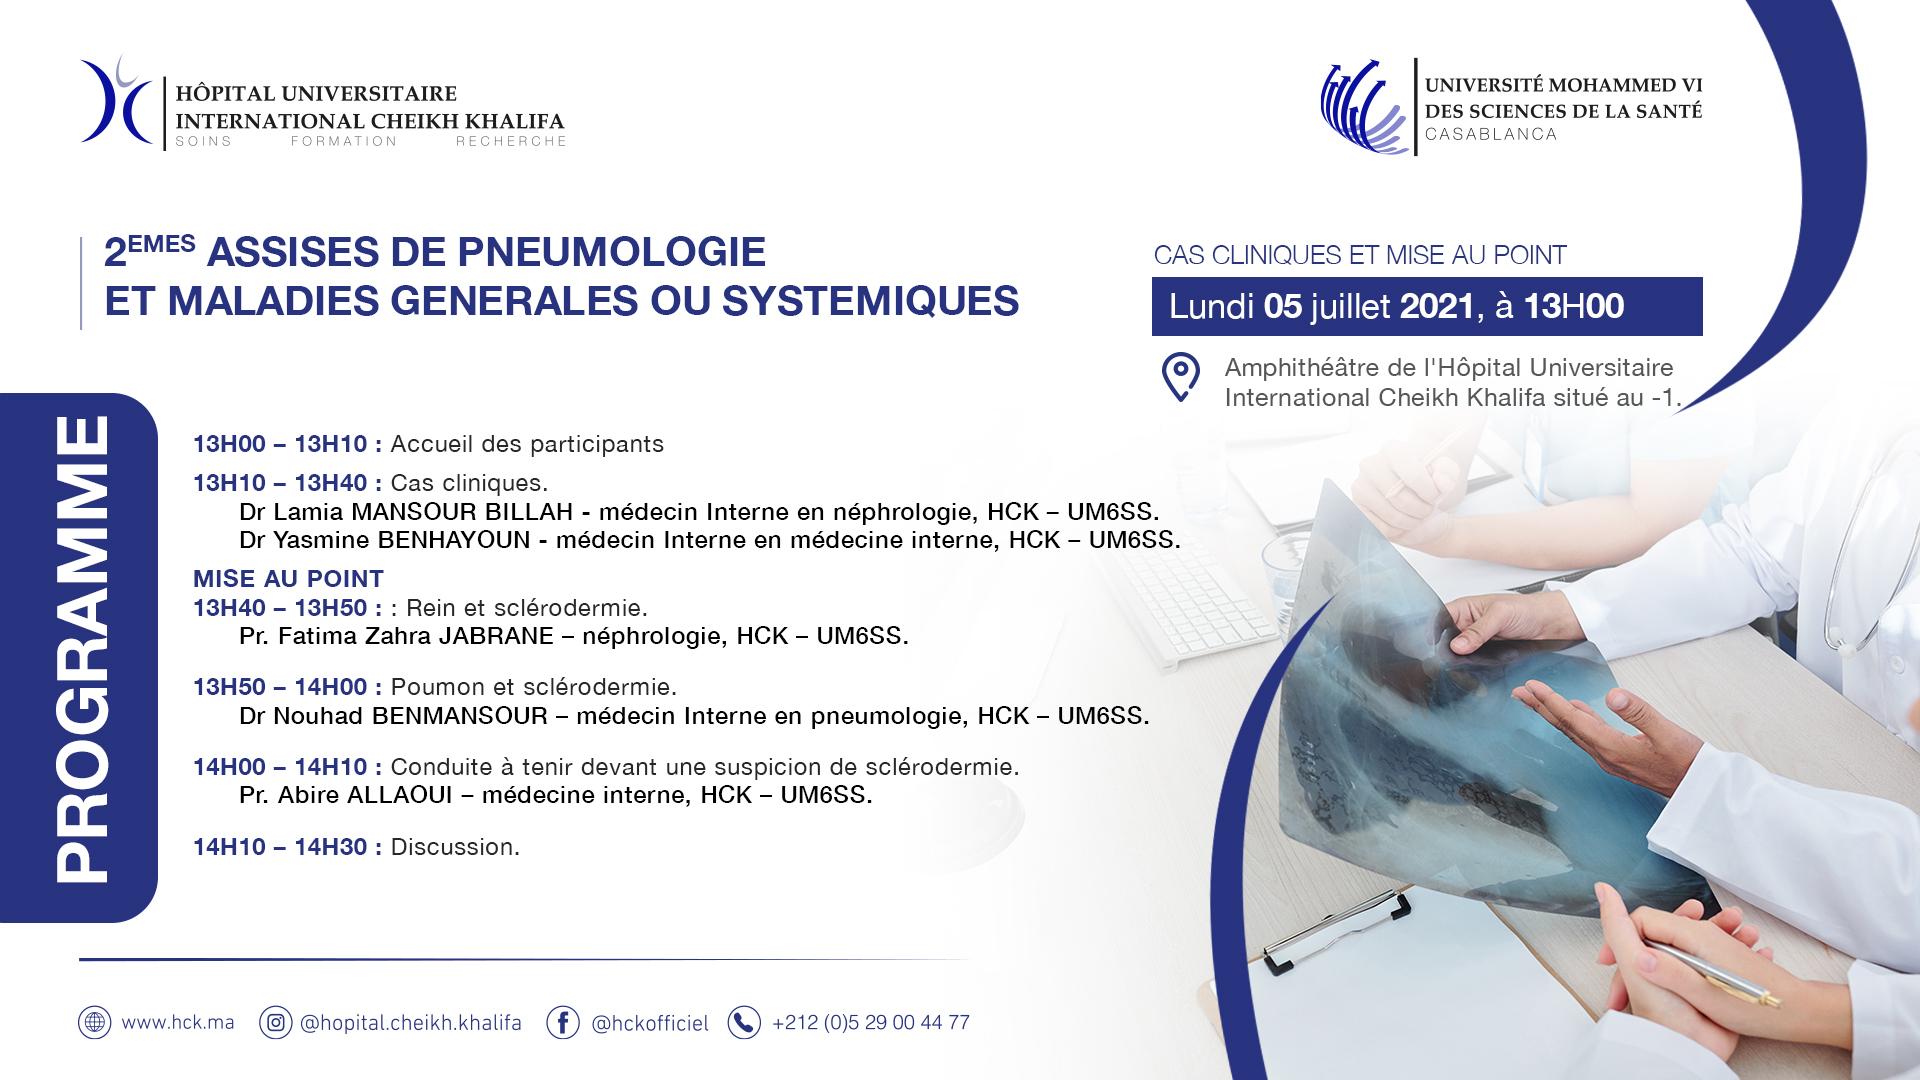 Programme_-_2eme_ASSISES_DE_PNEUMOLOGIE_ET_MALADIES_GENERALE_